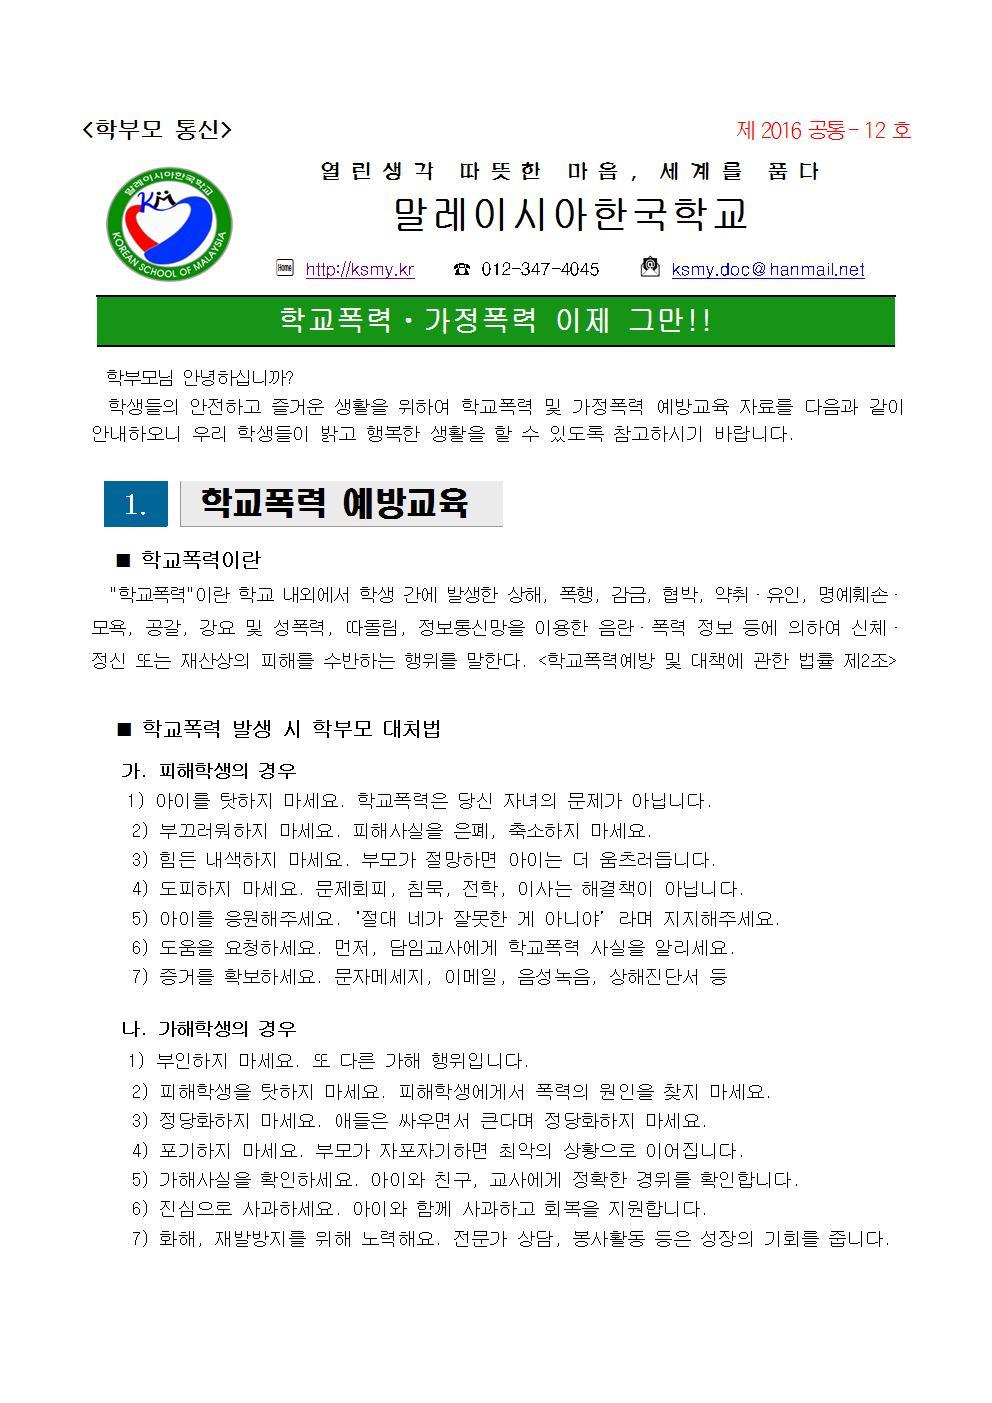 제2016 공통-12호 가정통신문(학교폭력가정폭력 이제그만!!)001.jpg